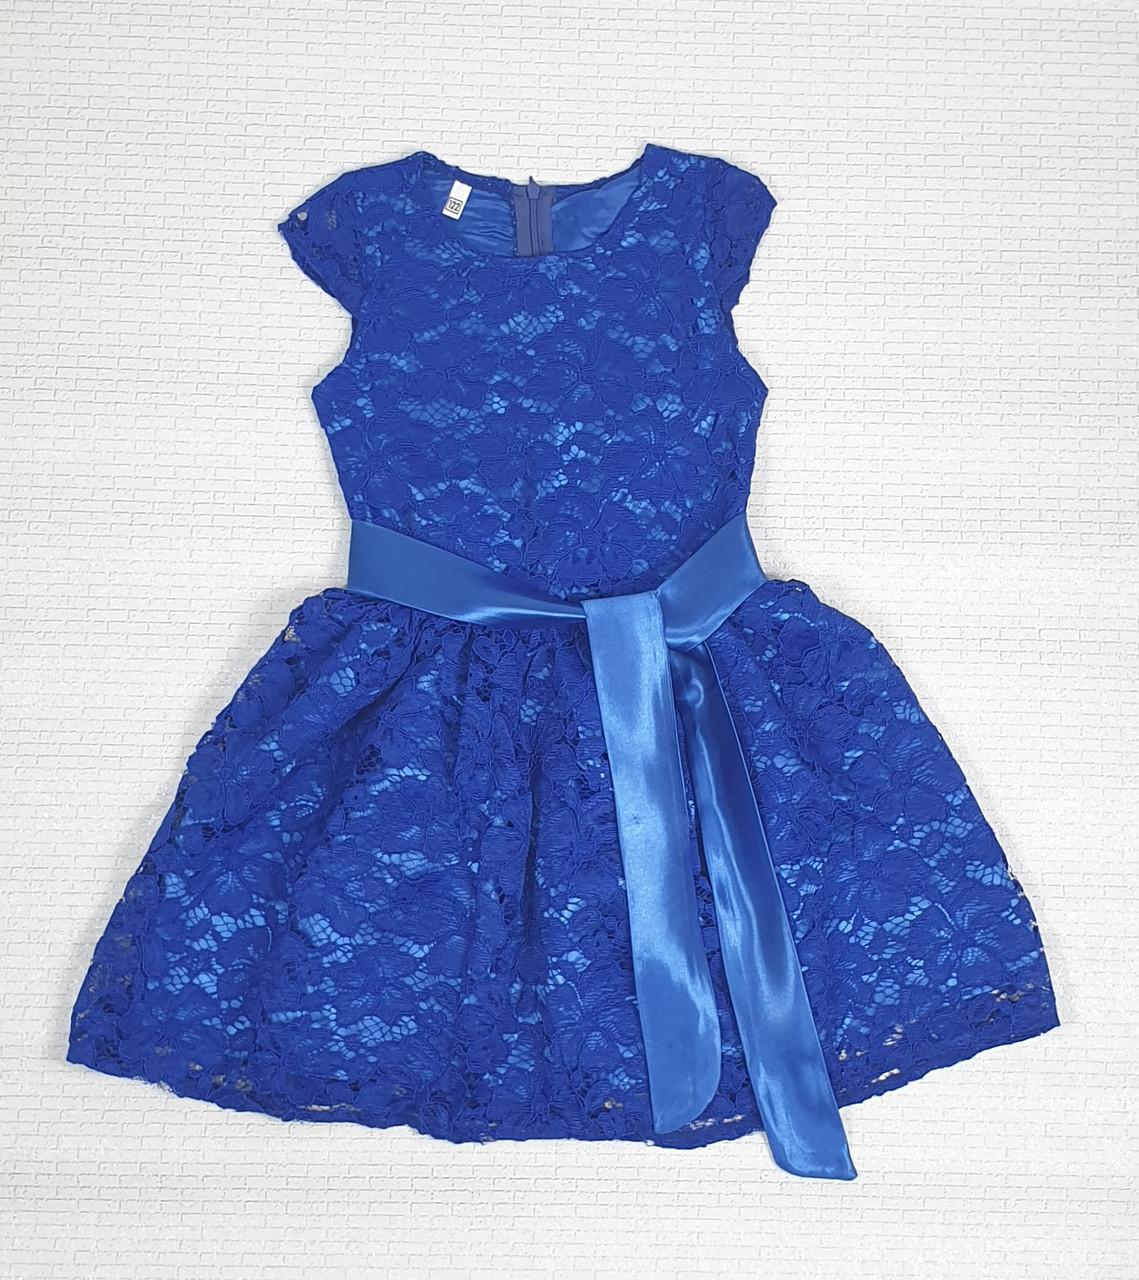 Нарядное Платье для девочки 122,128,134,140 электрик